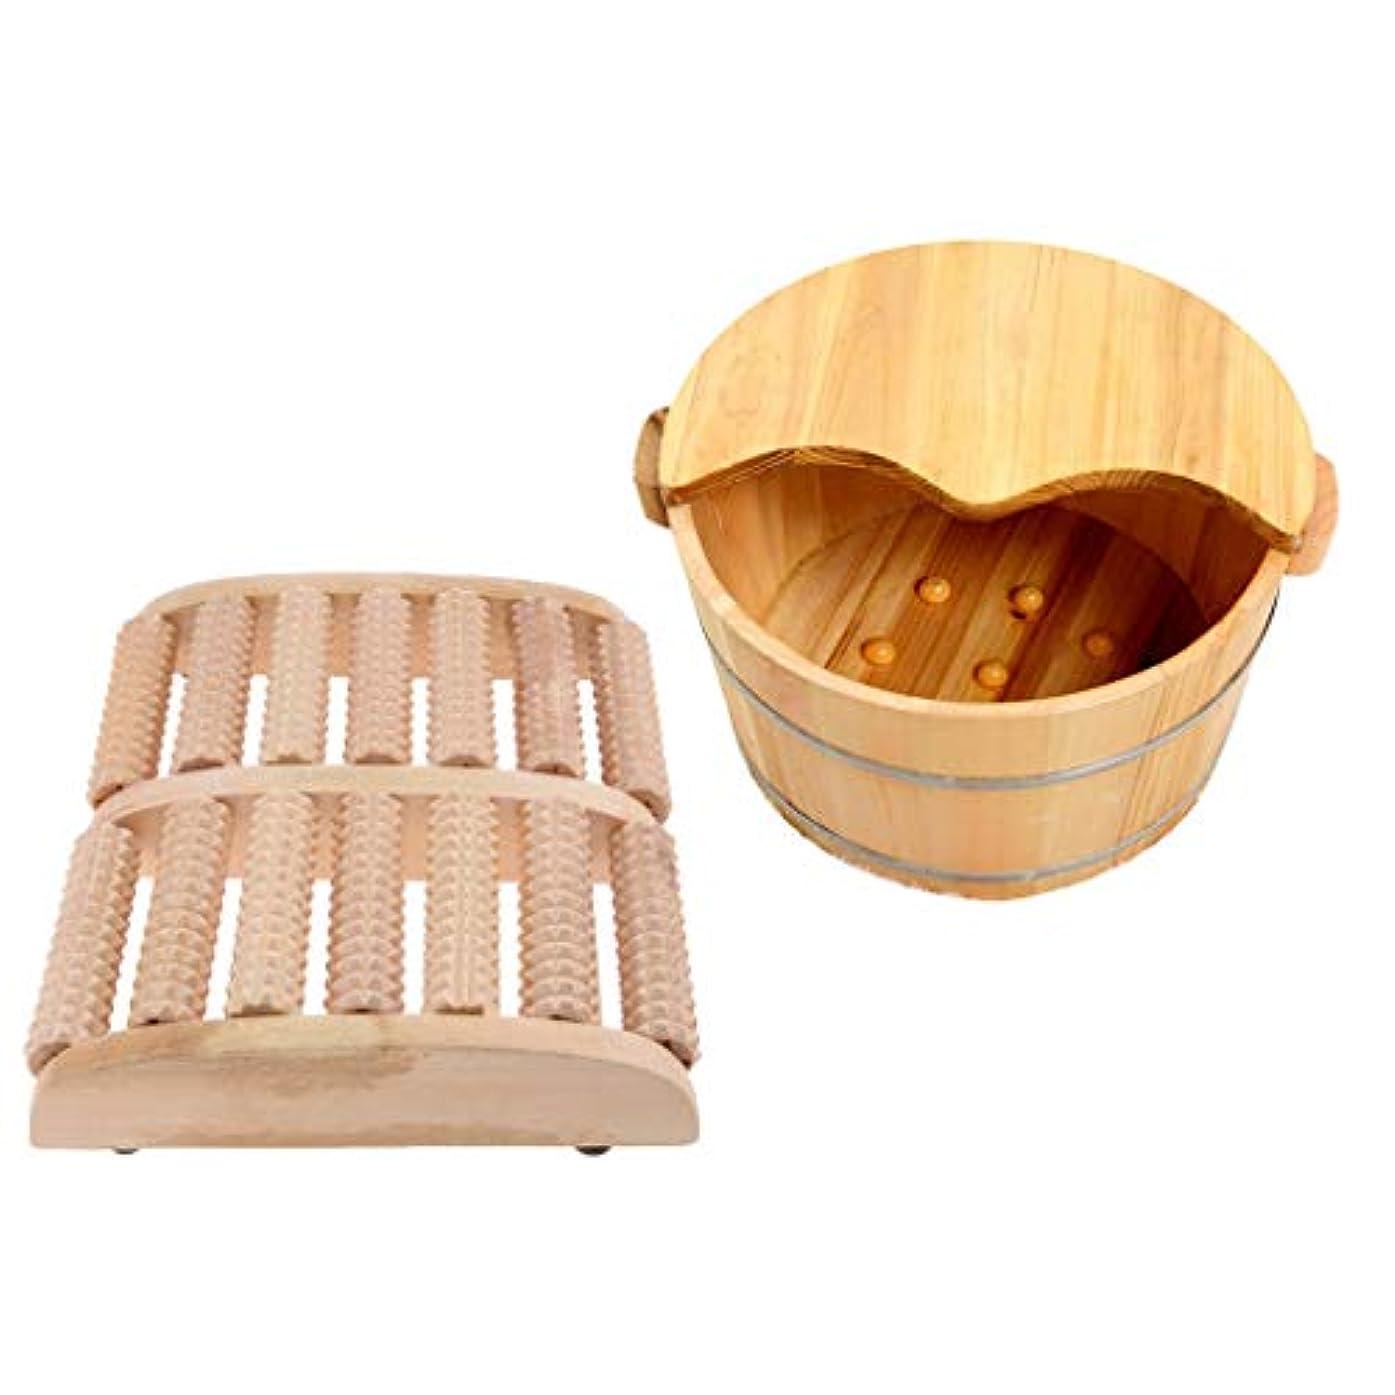 プロフェッショナル喉が渇いたエトナ山dailymall カバー+マッサージローラー付き木製フットベイスンフットソーキング&マッサージバケツ